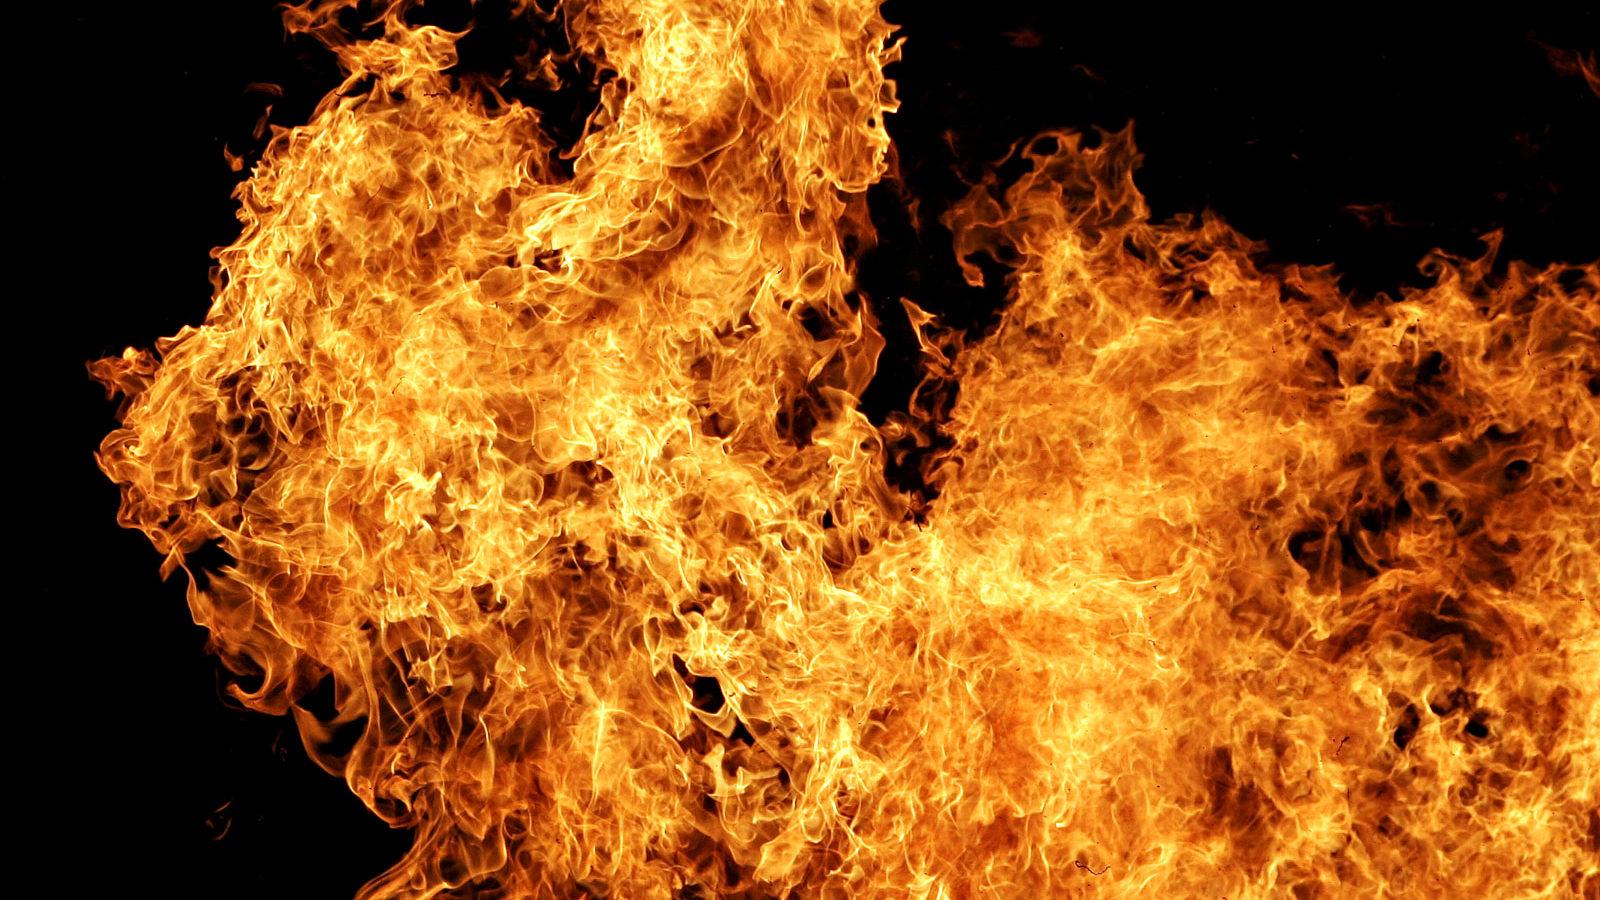 В Запорожской области во время пожара спасли 55-летнего мужчину